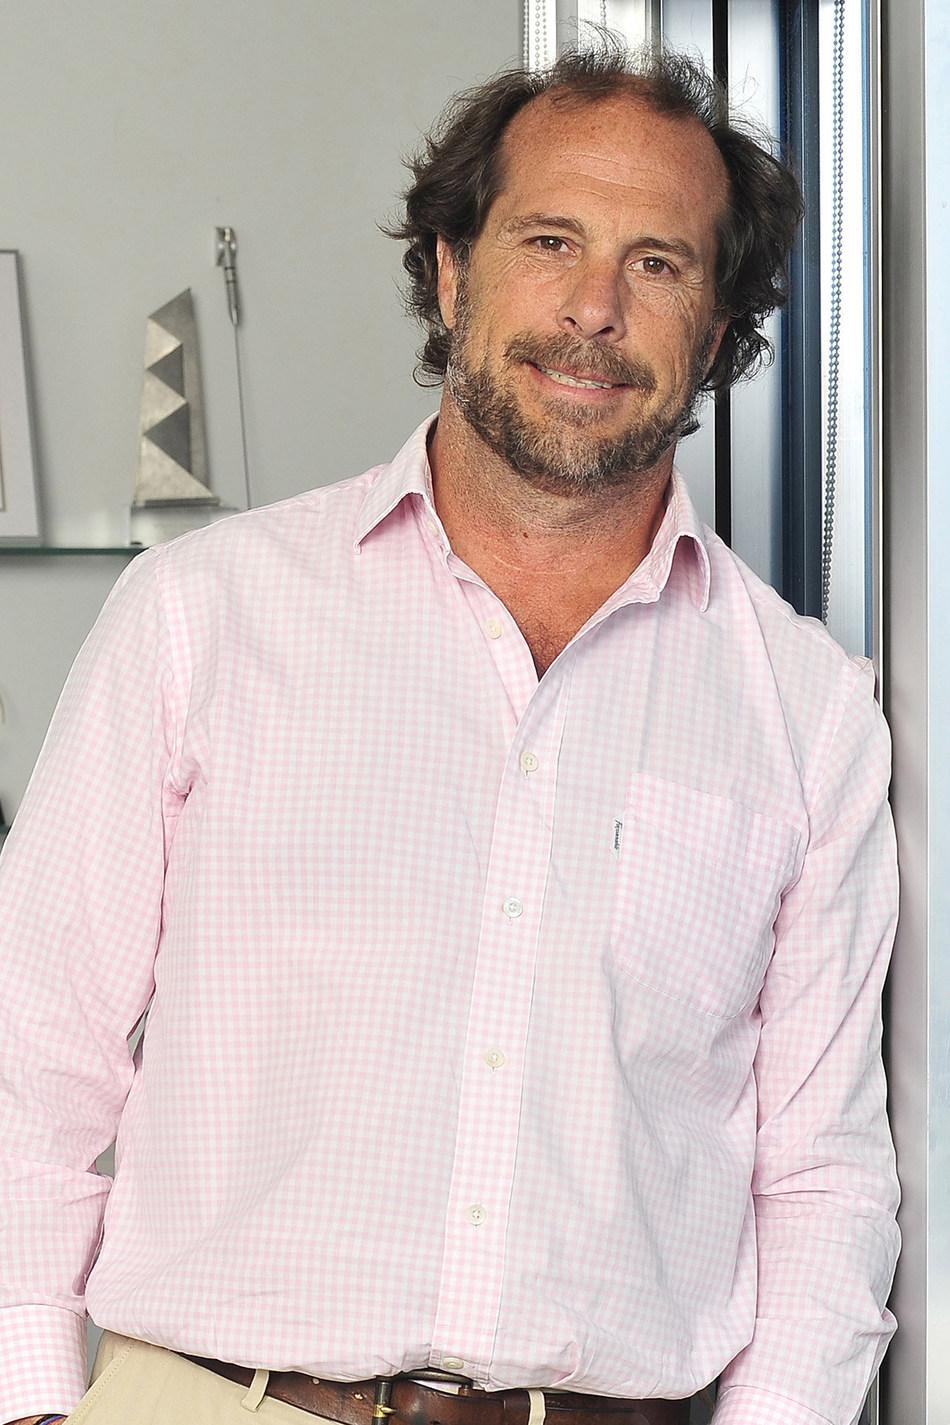 Juan Pablo Jurado